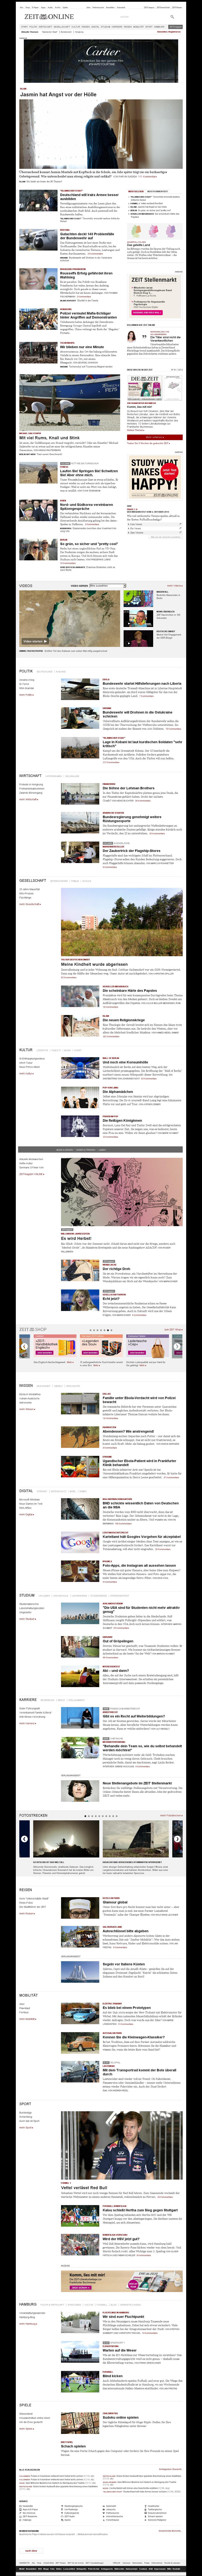 Zeit Online at Saturday Oct. 4, 2014, 10:21 a.m. UTC